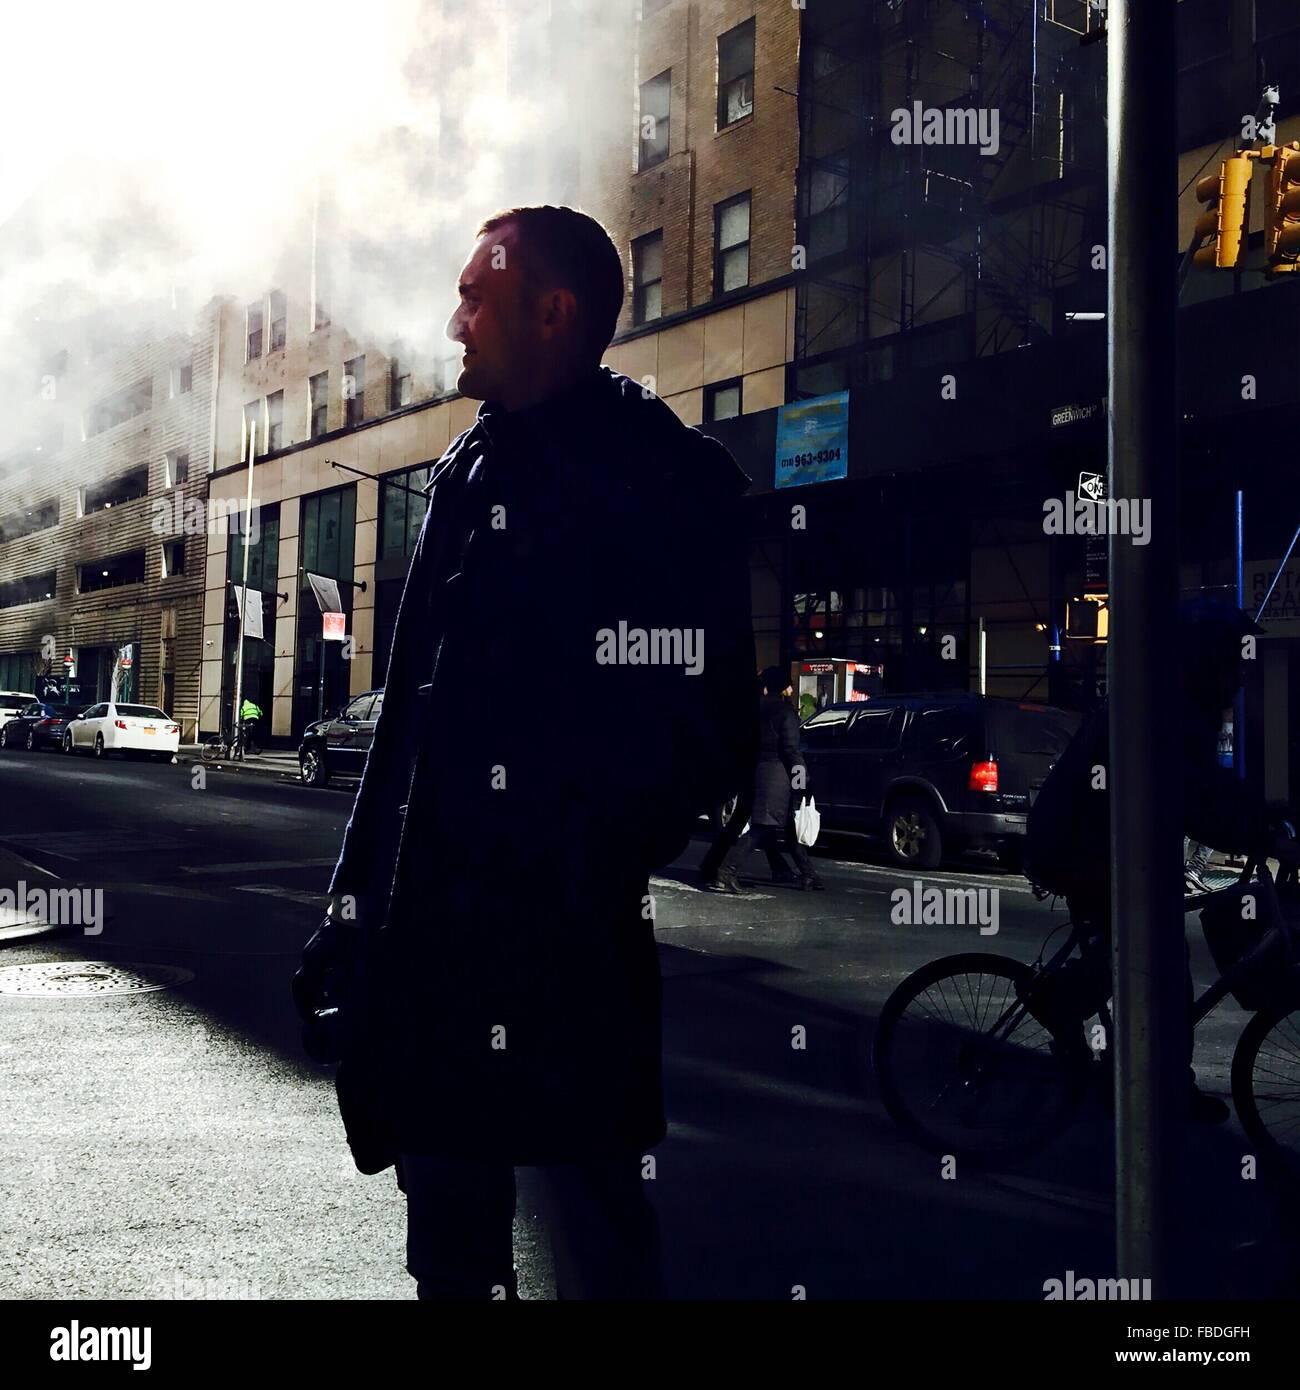 Uomo In strada Immagini Stock